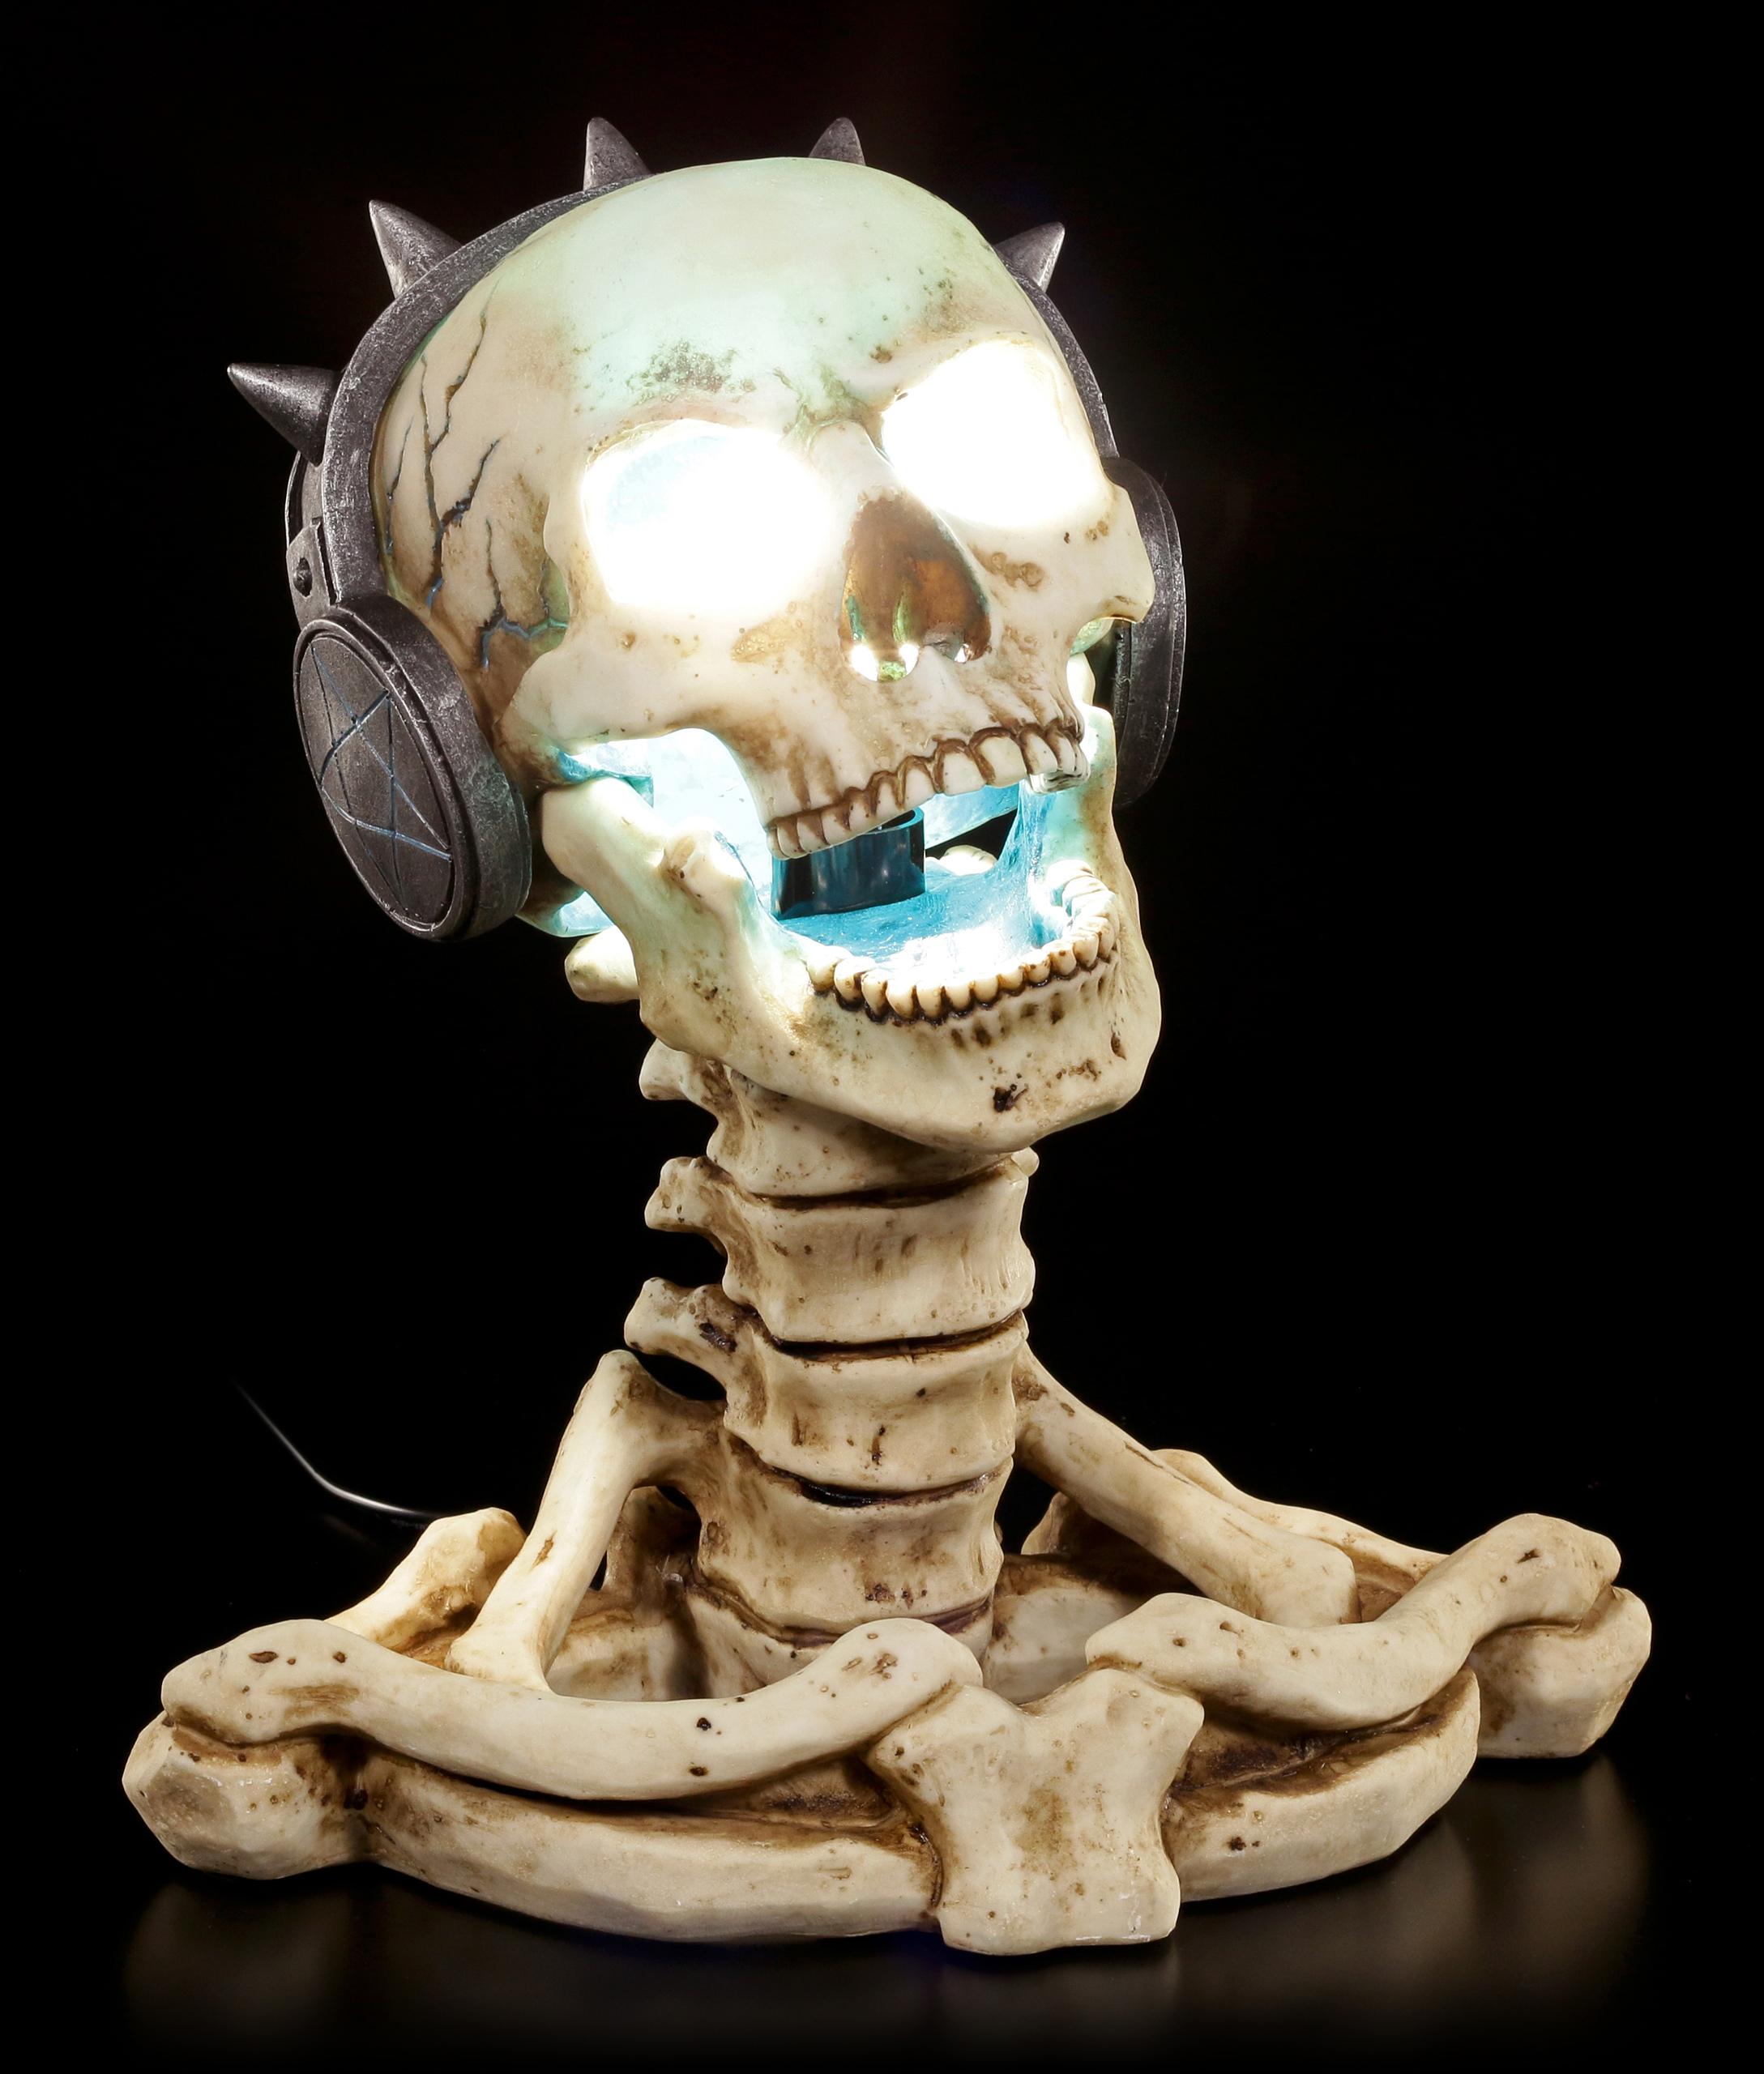 Lampen Günstig Online Kaufen: Gothic & Fantasy Lampen Günstig Online Kaufen